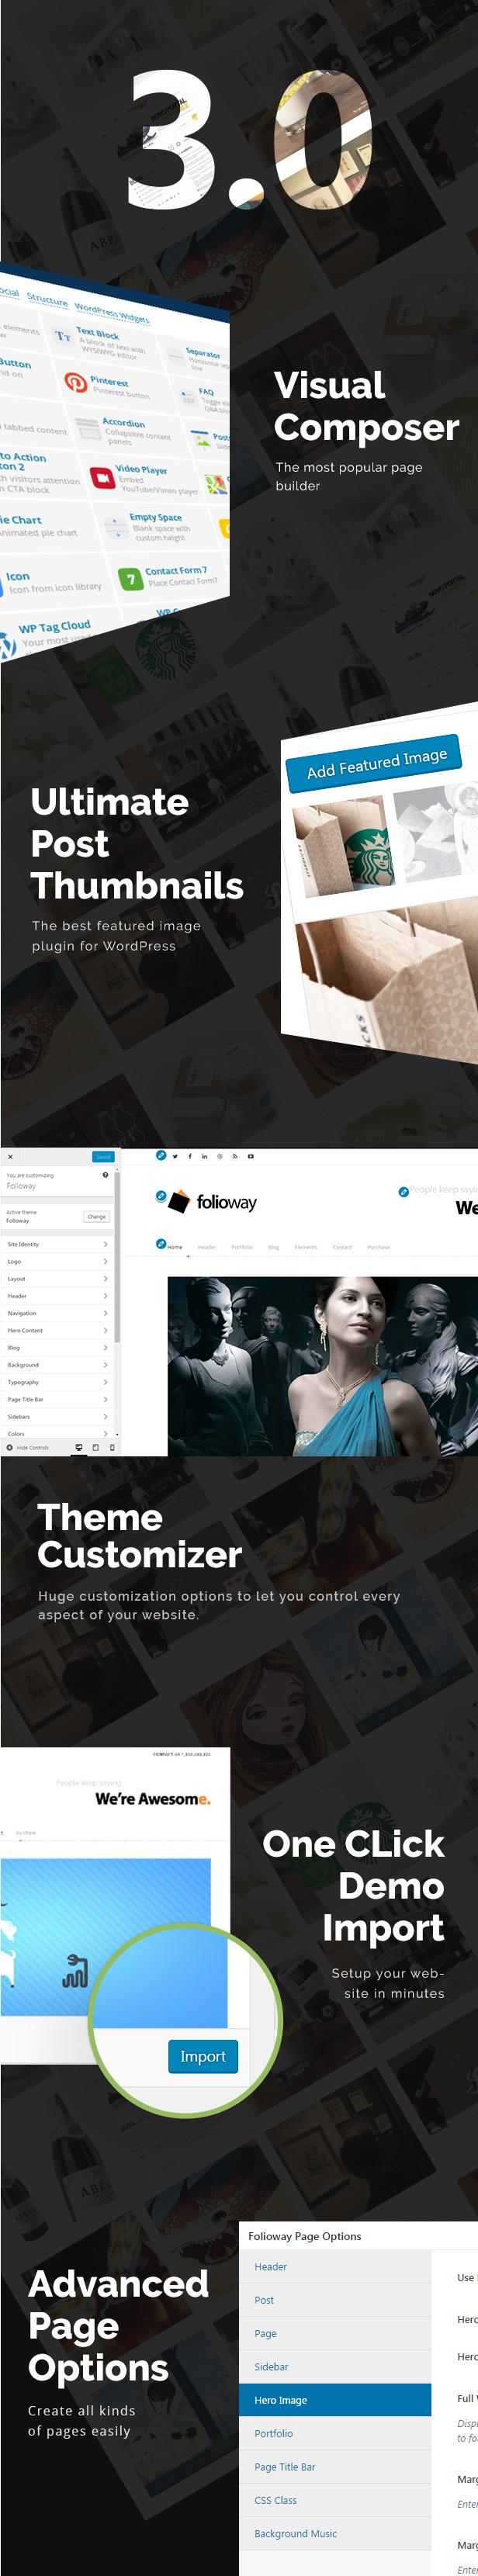 Folioway - Premium Portfolio WordPress Theme by addway | ThemeForest